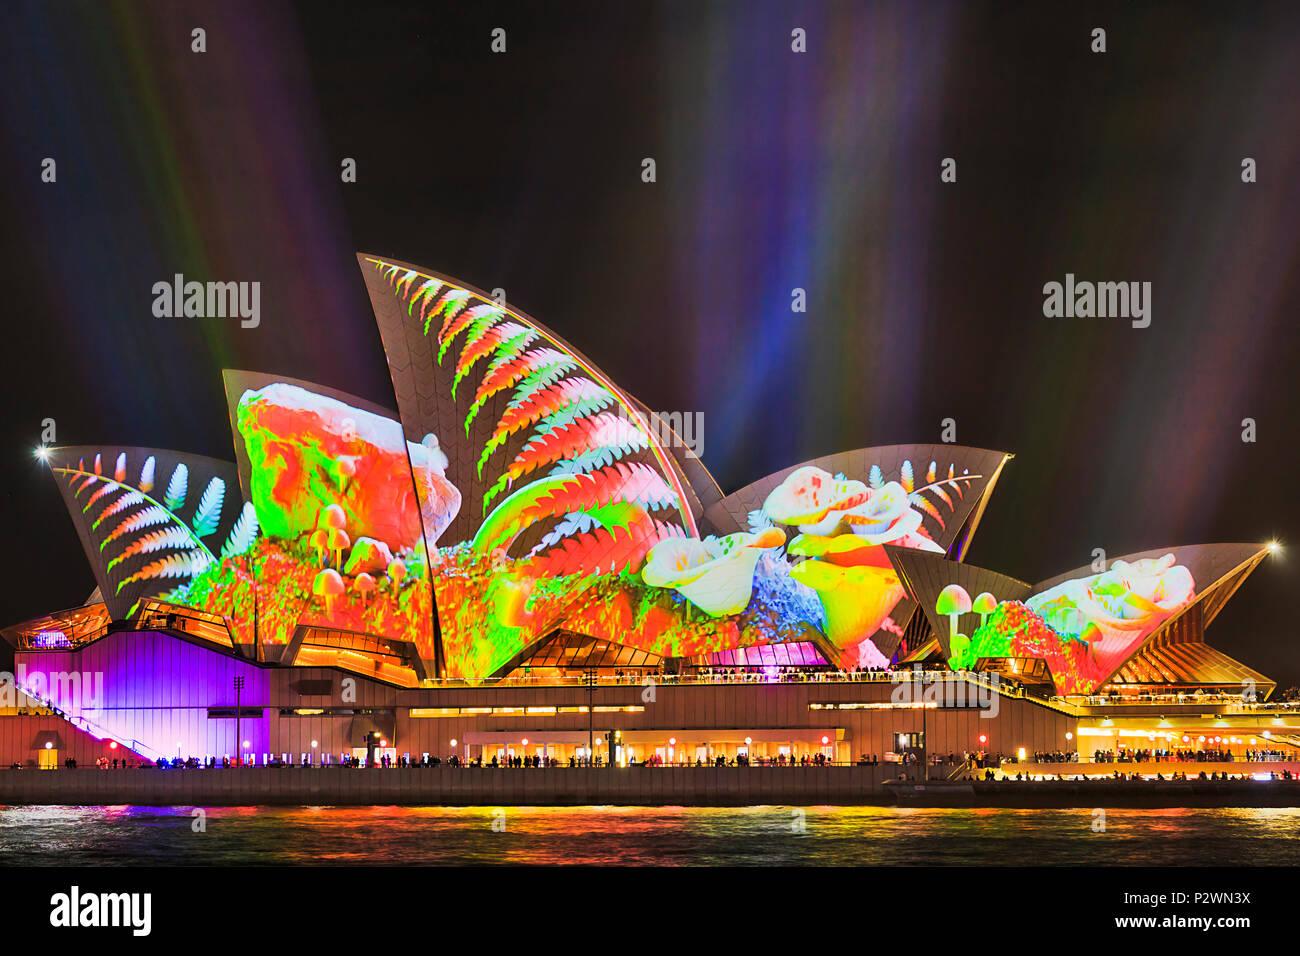 Sydney, Australie - 25 mai, 2018: la ville de Sydney vue de l'Opéra de Sydney Harbor waterfront pendant light show annuel de la lumière et des idées à brig Banque D'Images